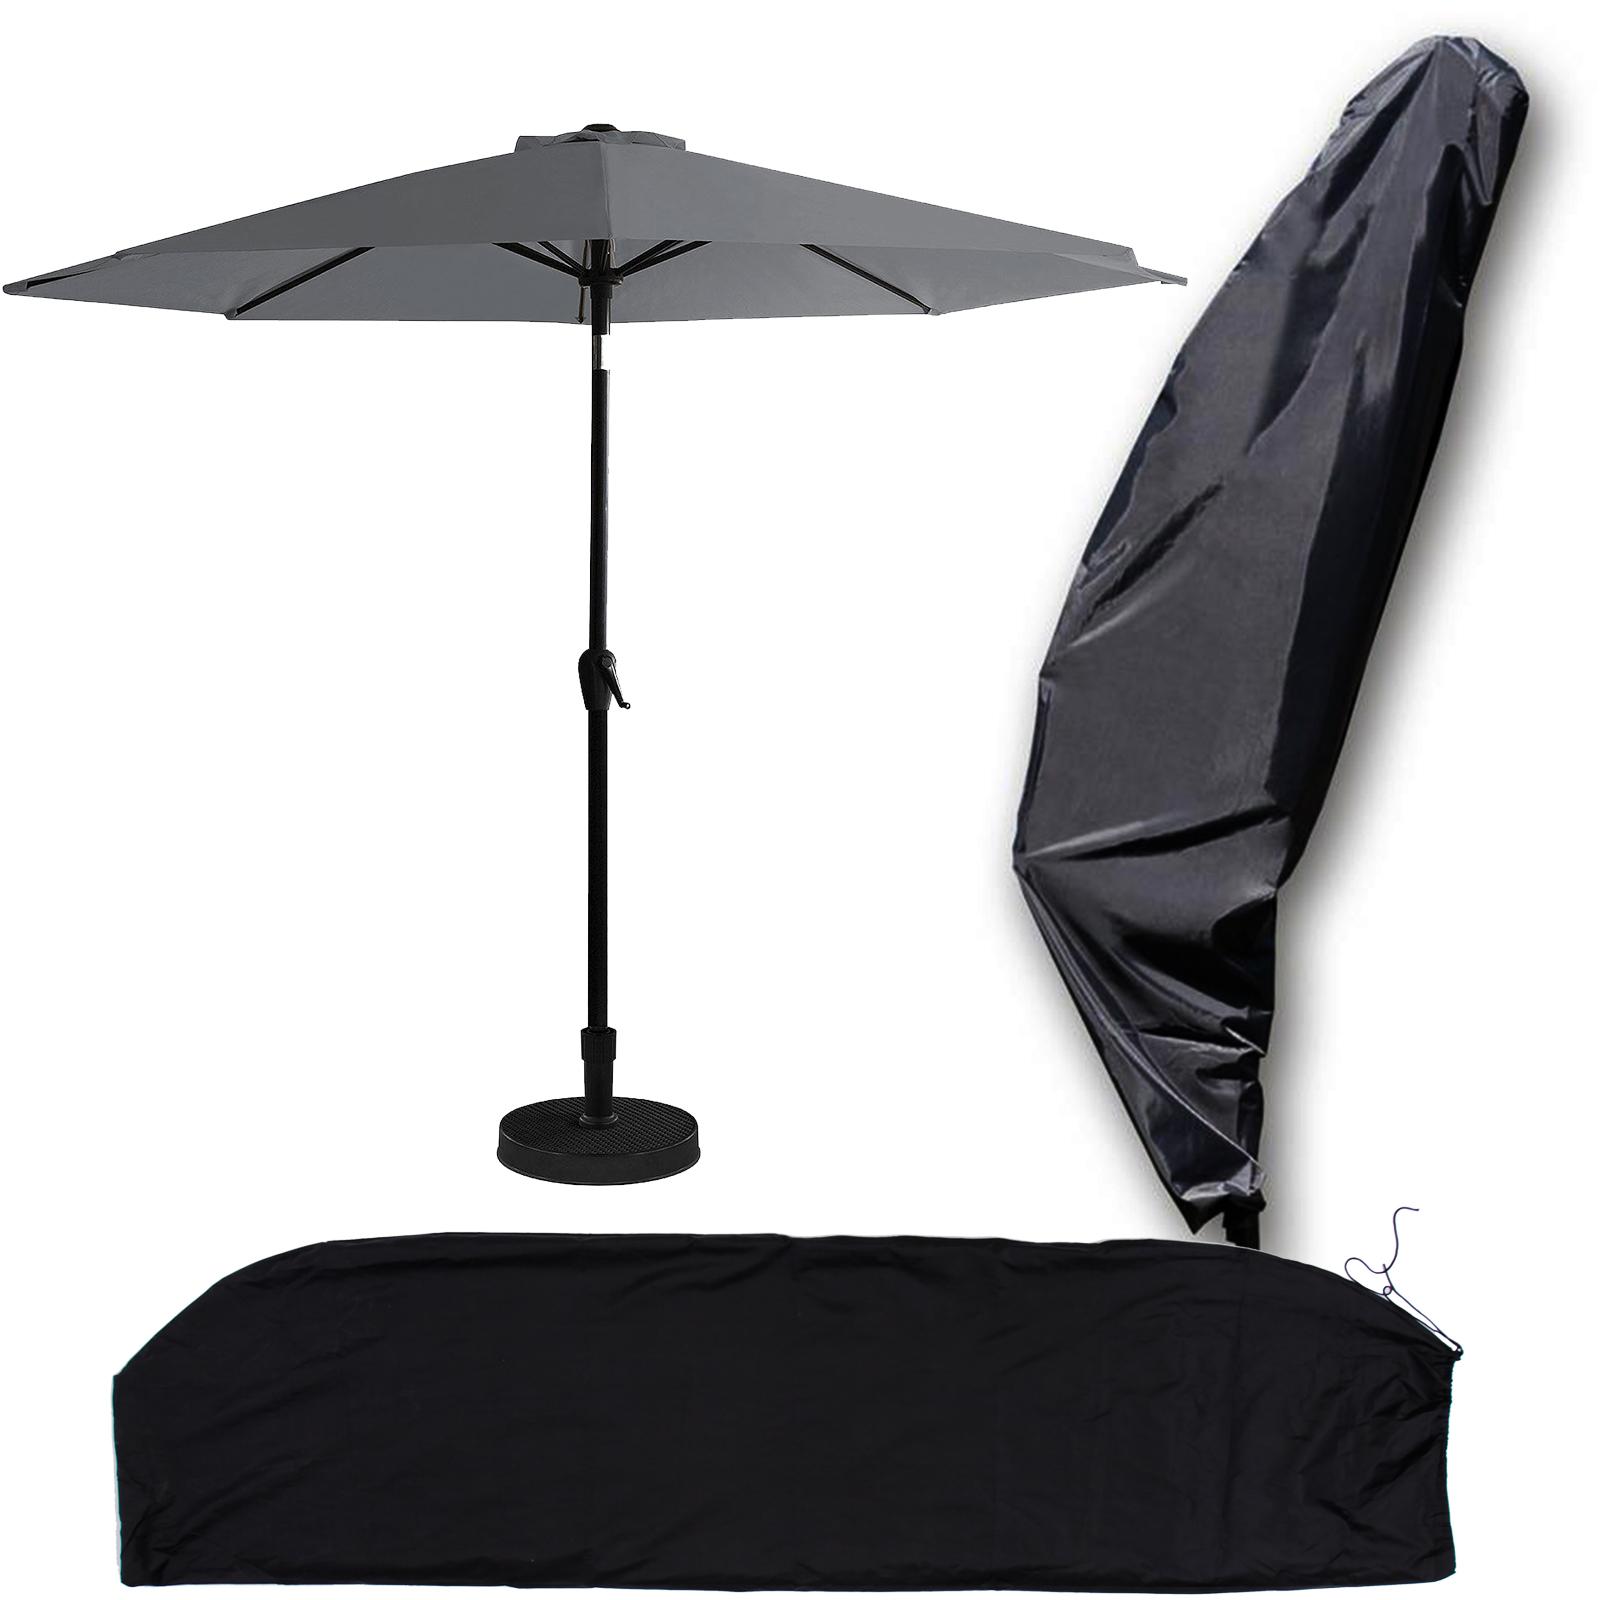 420d ampelschirm schutzh lle abdeckung plane uv schutz f sonnenschirm bis 3 5m ebay. Black Bedroom Furniture Sets. Home Design Ideas